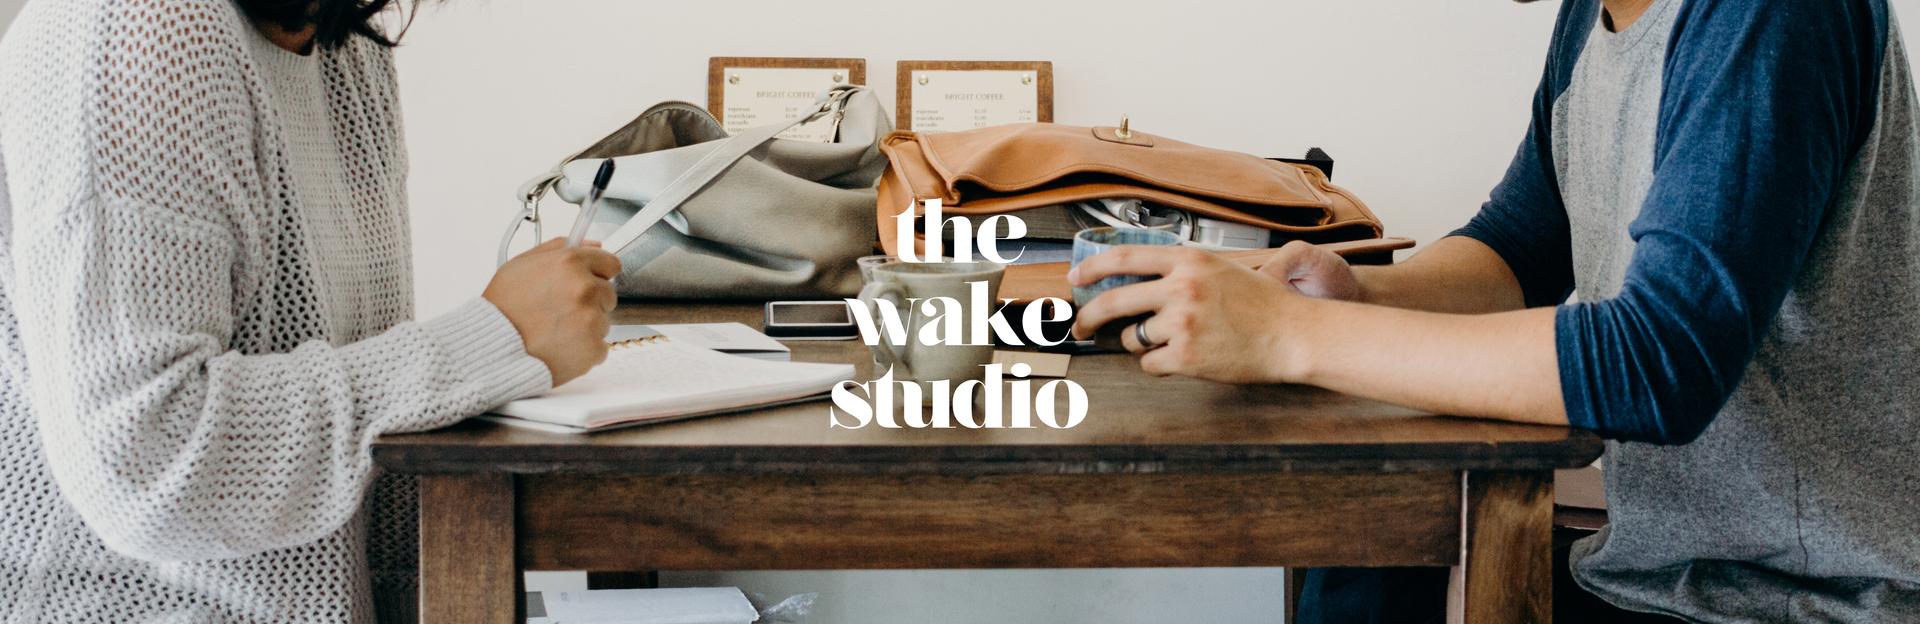 The Wake Studio Store